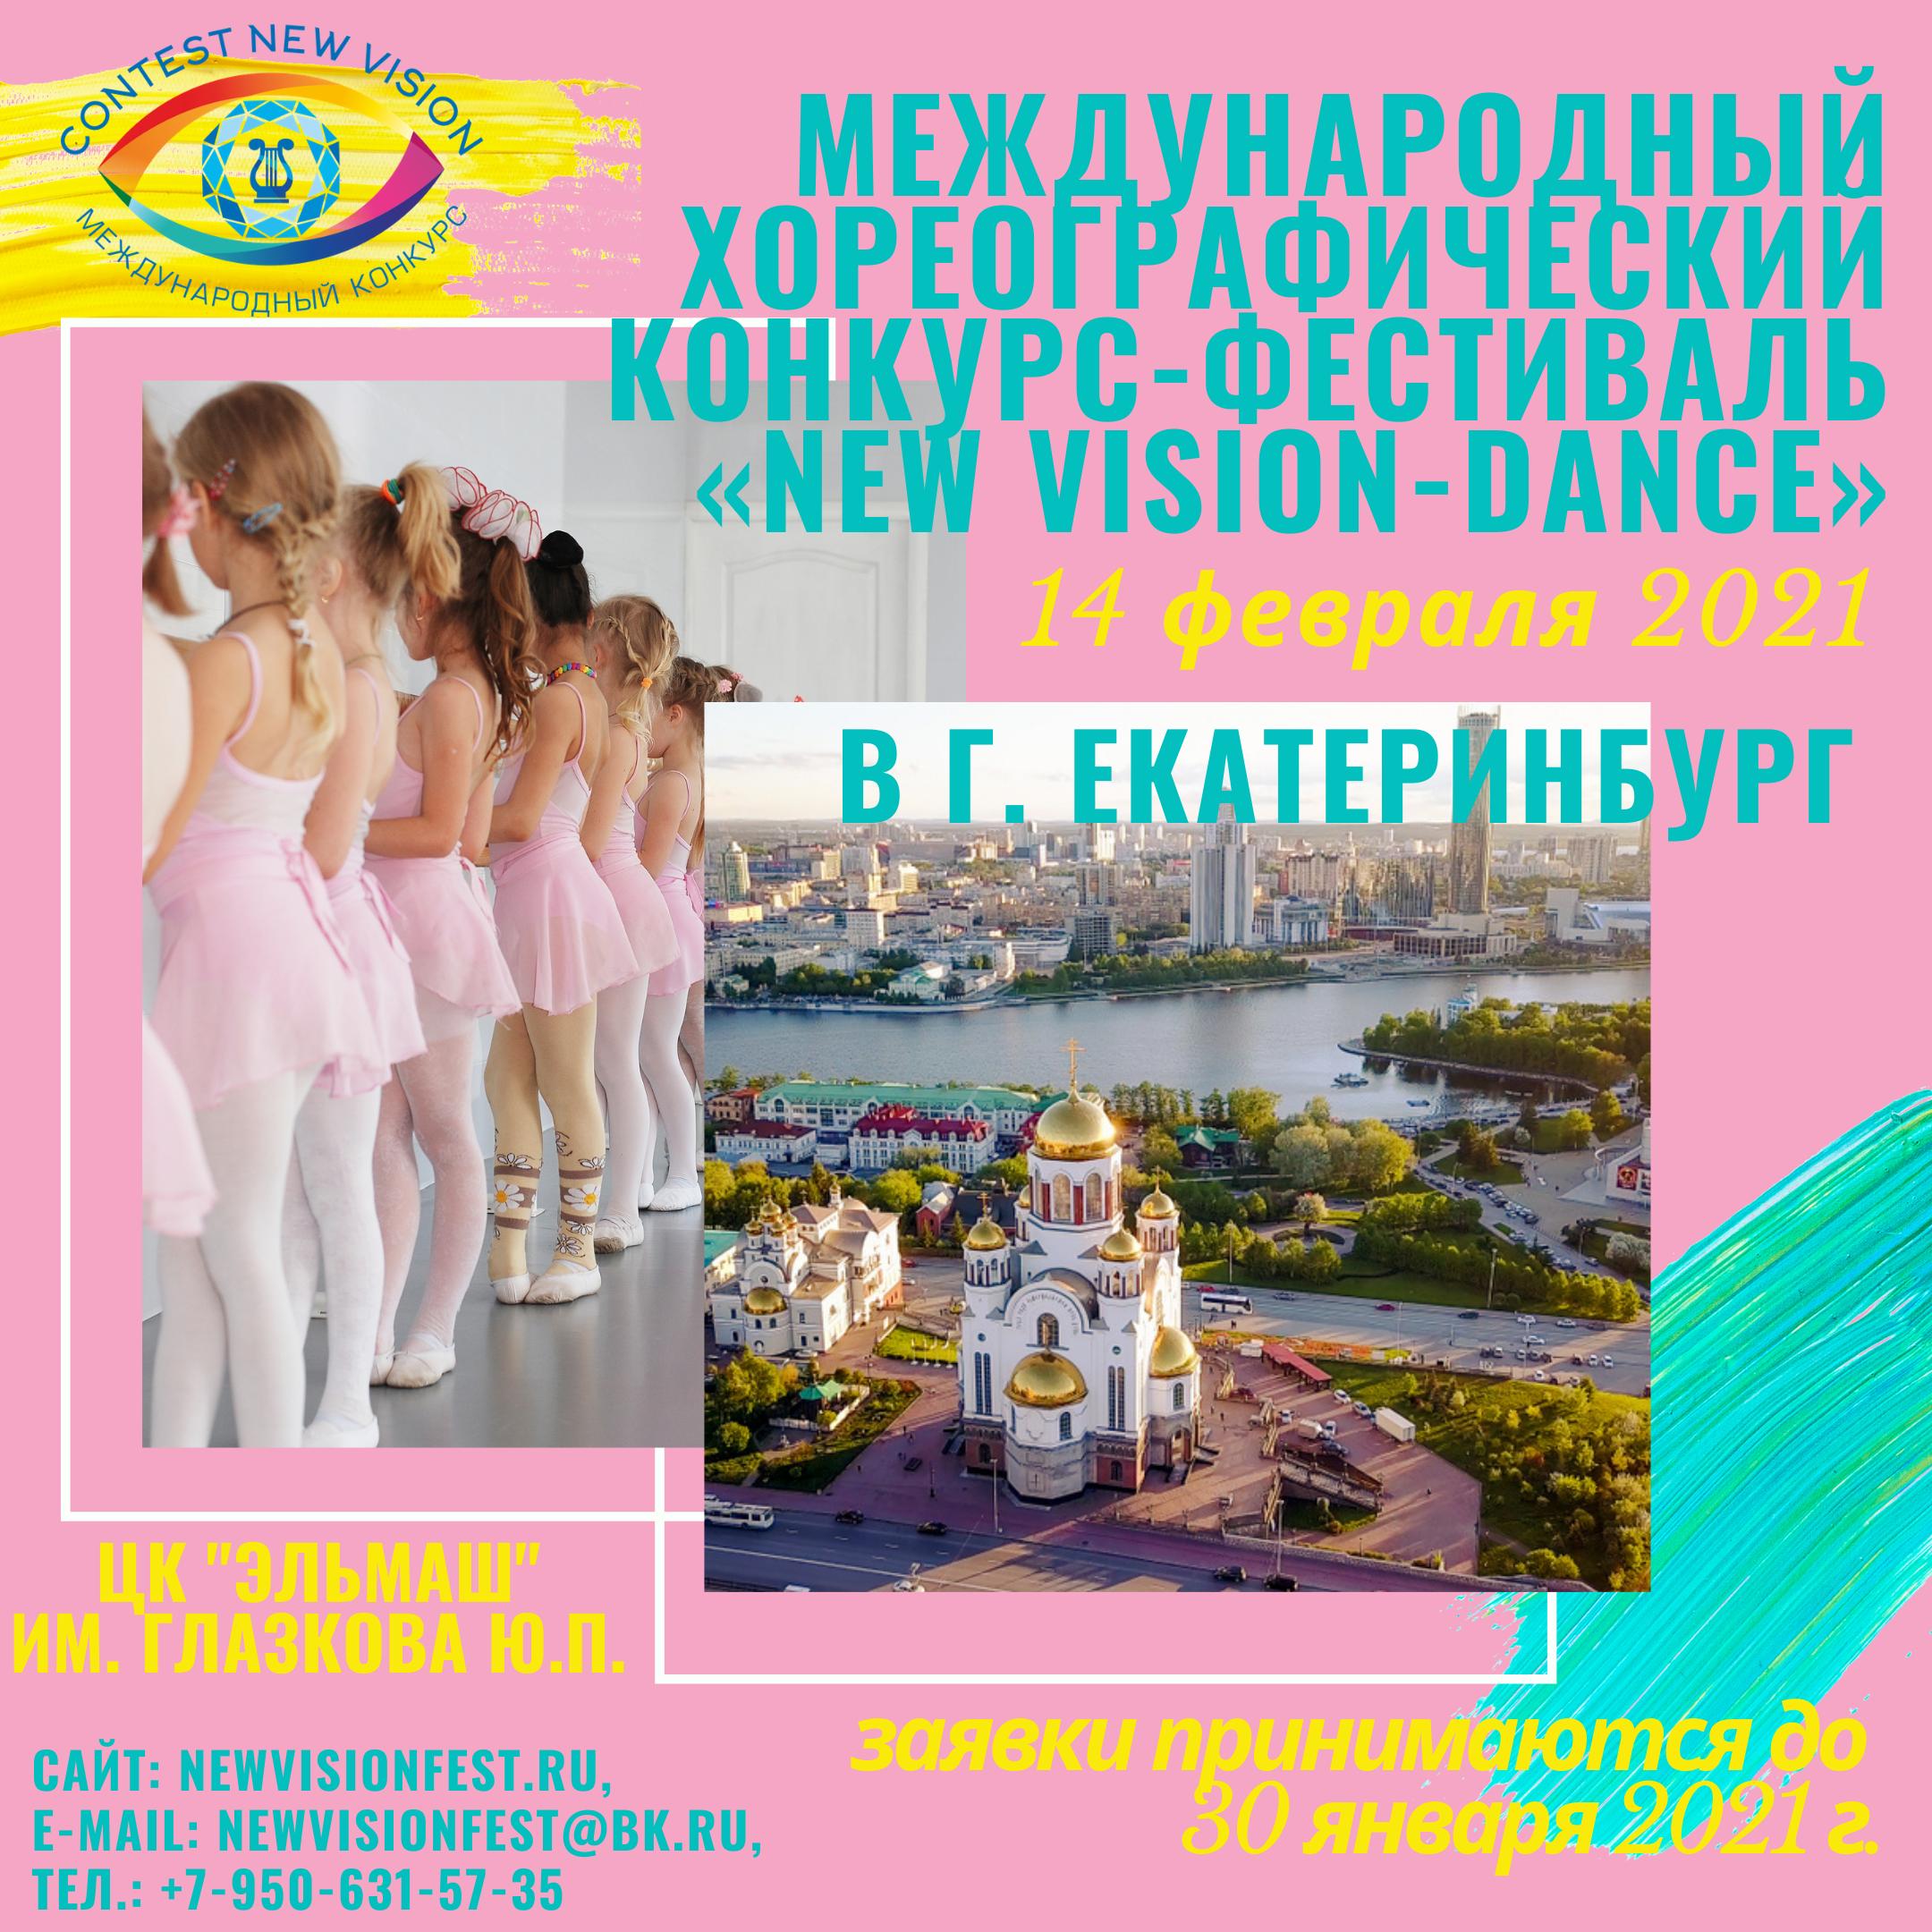 «NEW VISION - DANCE» февраль екб